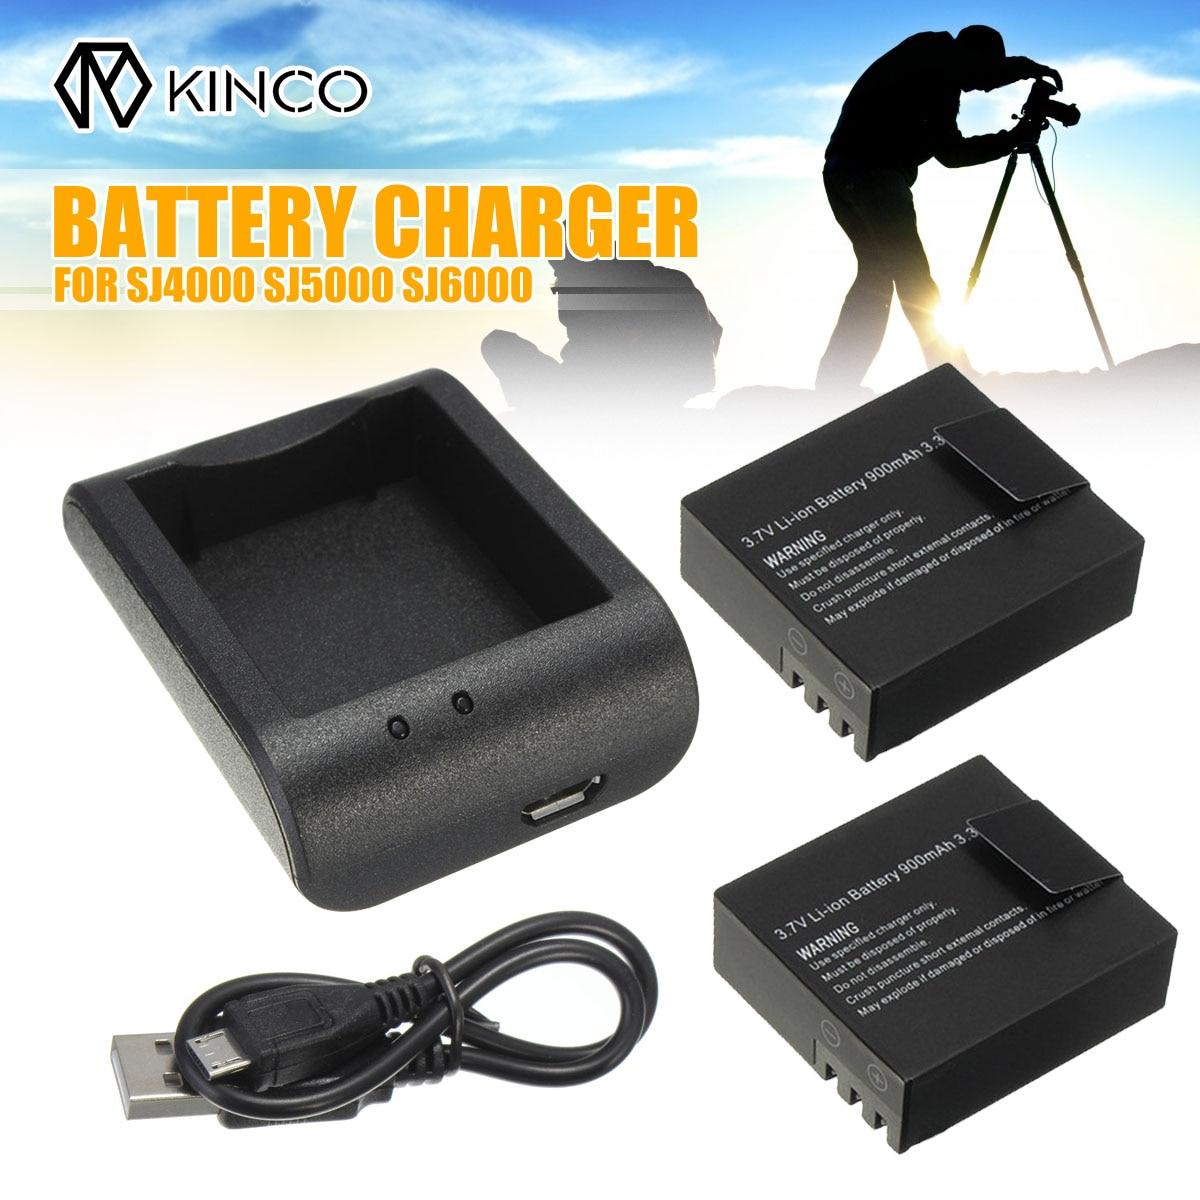 KINCO 2x3.7 V 900 mAh batterie li-ion + câble usb chargeur de bureau De Charge Pour Les Sports D'action Caméra DVR SJ4000 SJ5000 SJ6000